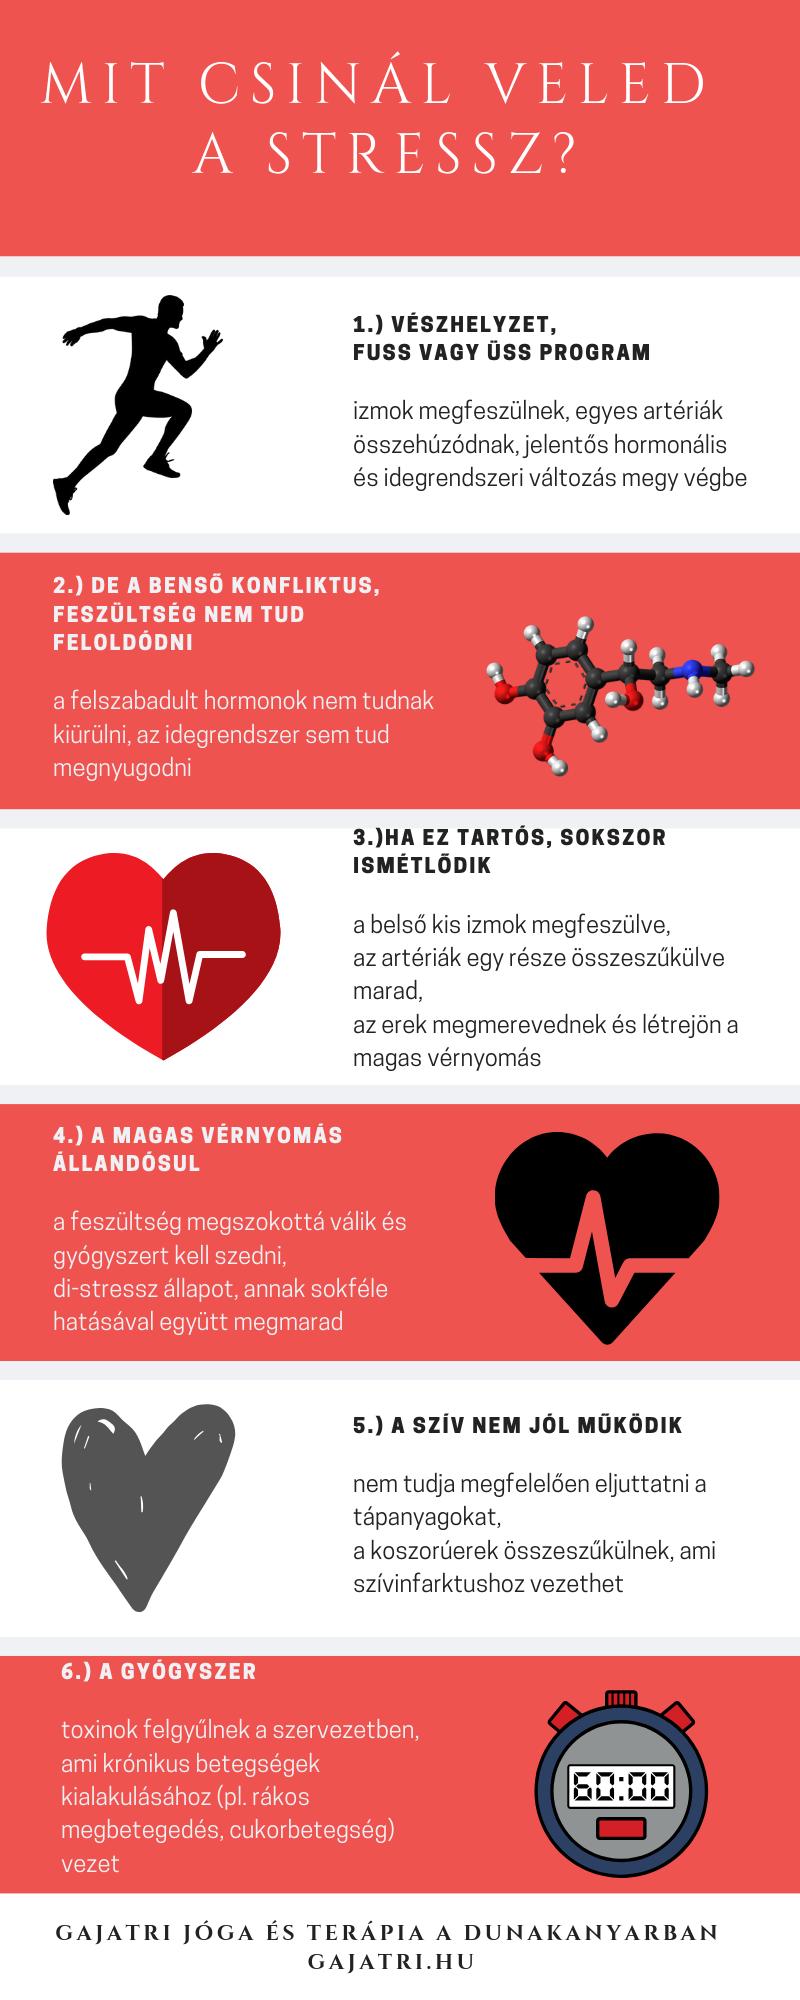 magas vérnyomás hatékony gyógyszer magas vérnyomás kezelésének jegyzete az élet